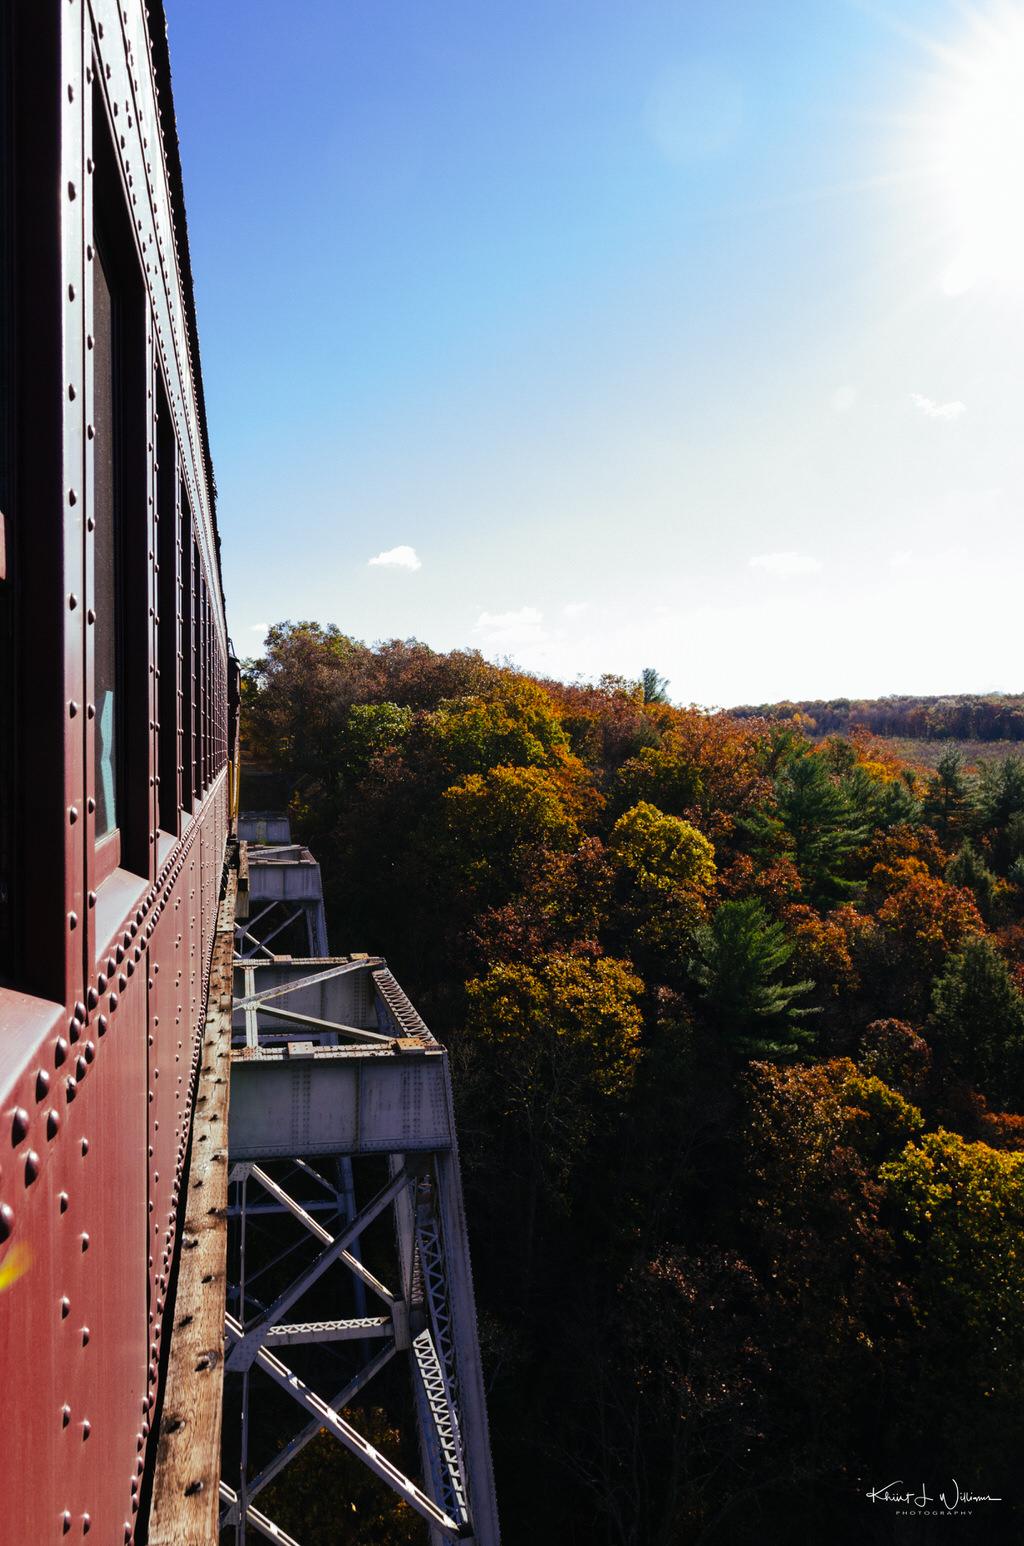 Autumn Leaf Excursion to Jim Thorpe on the Lehigh Gorge Scenic Railway, NIKON D5100 20161023 4770 1